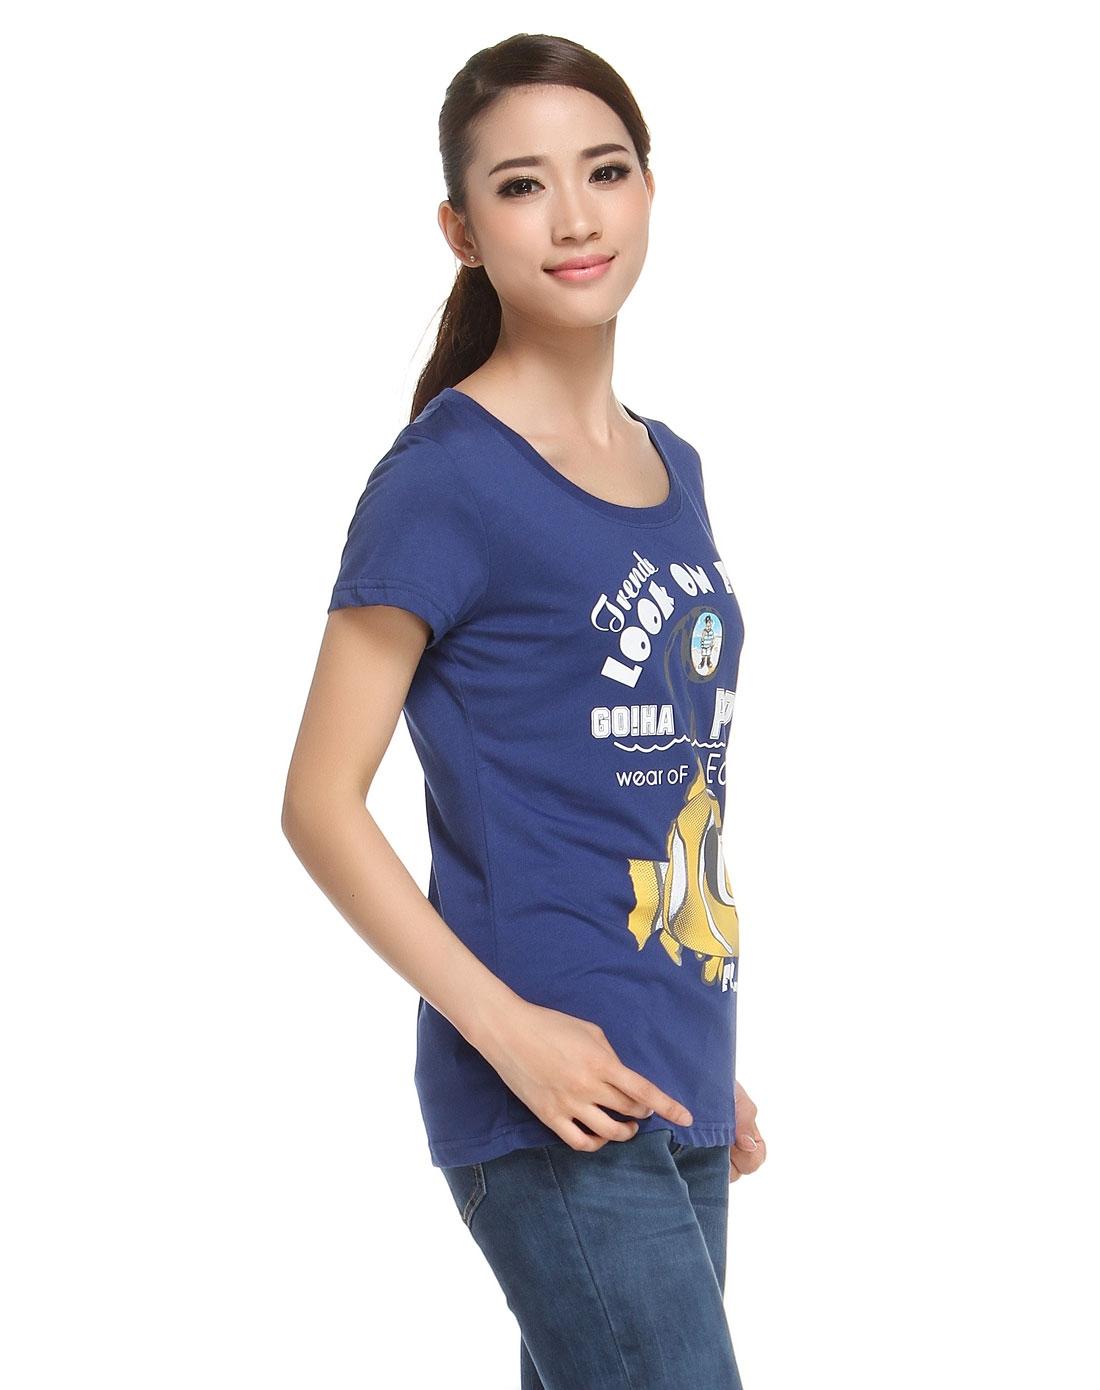 蓝色可爱卡通印花短袖t恤